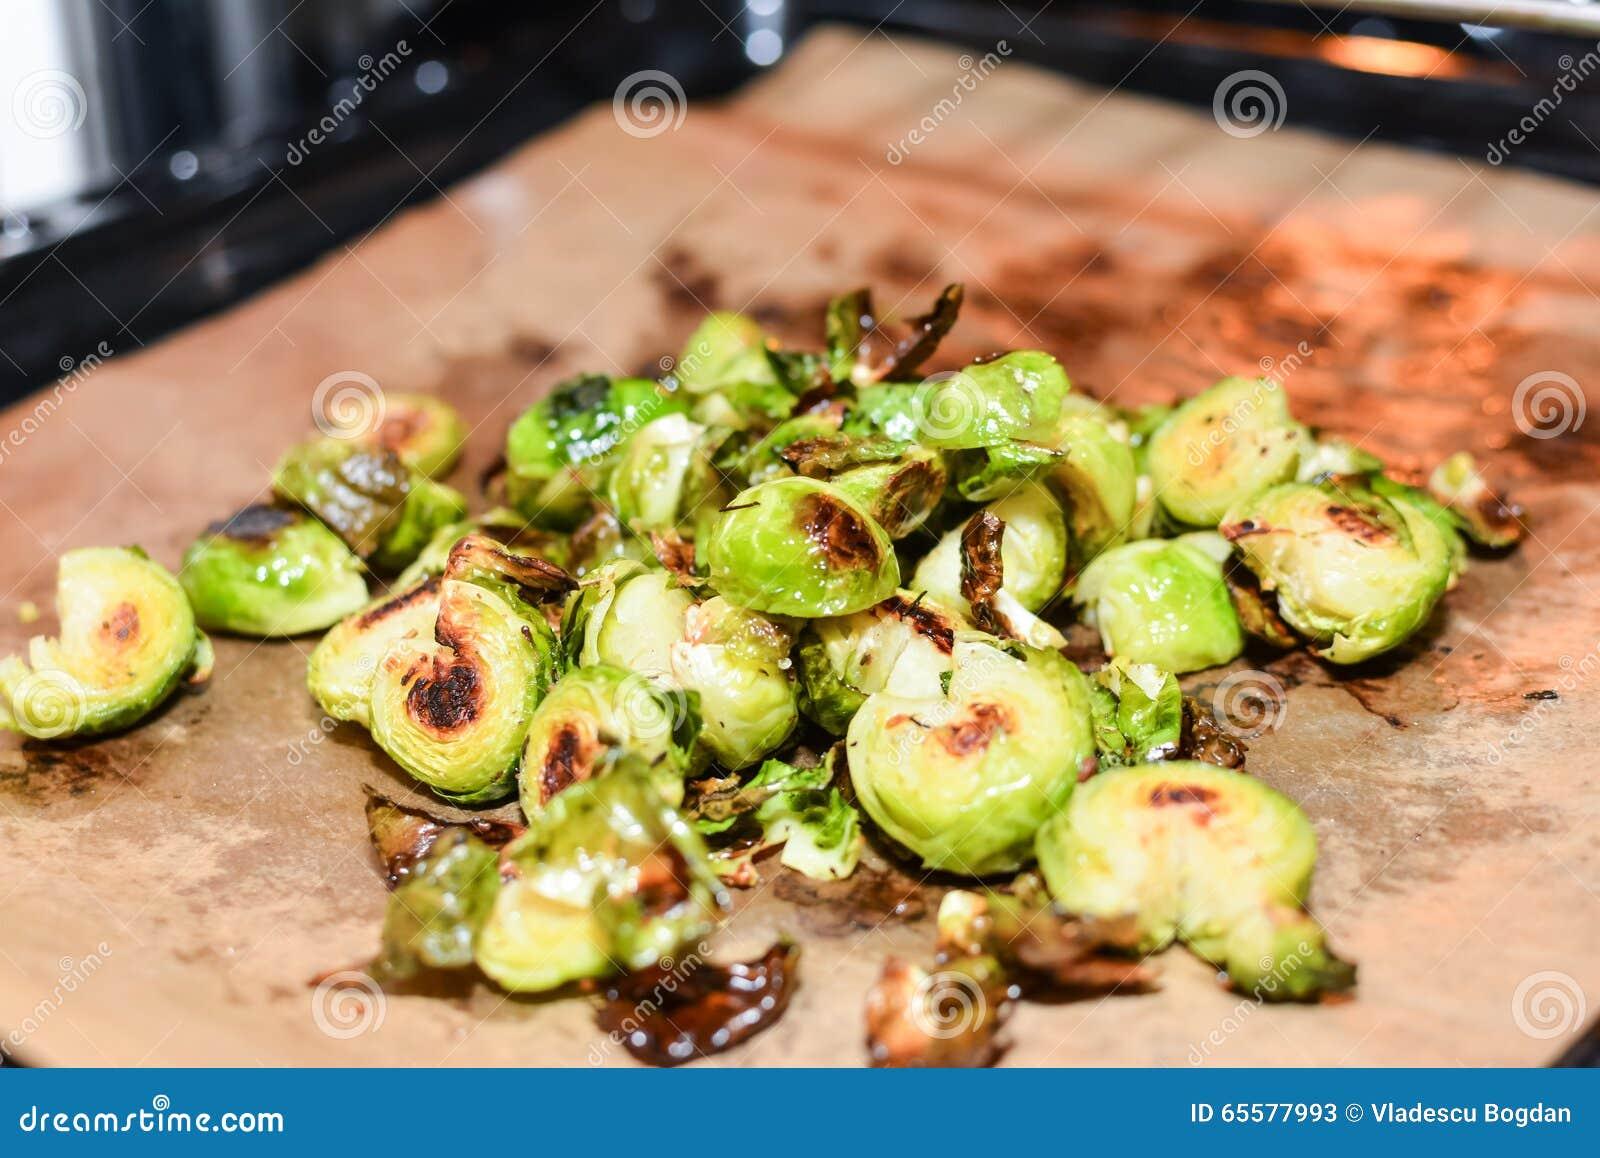 Couve fritada de Bruxelas